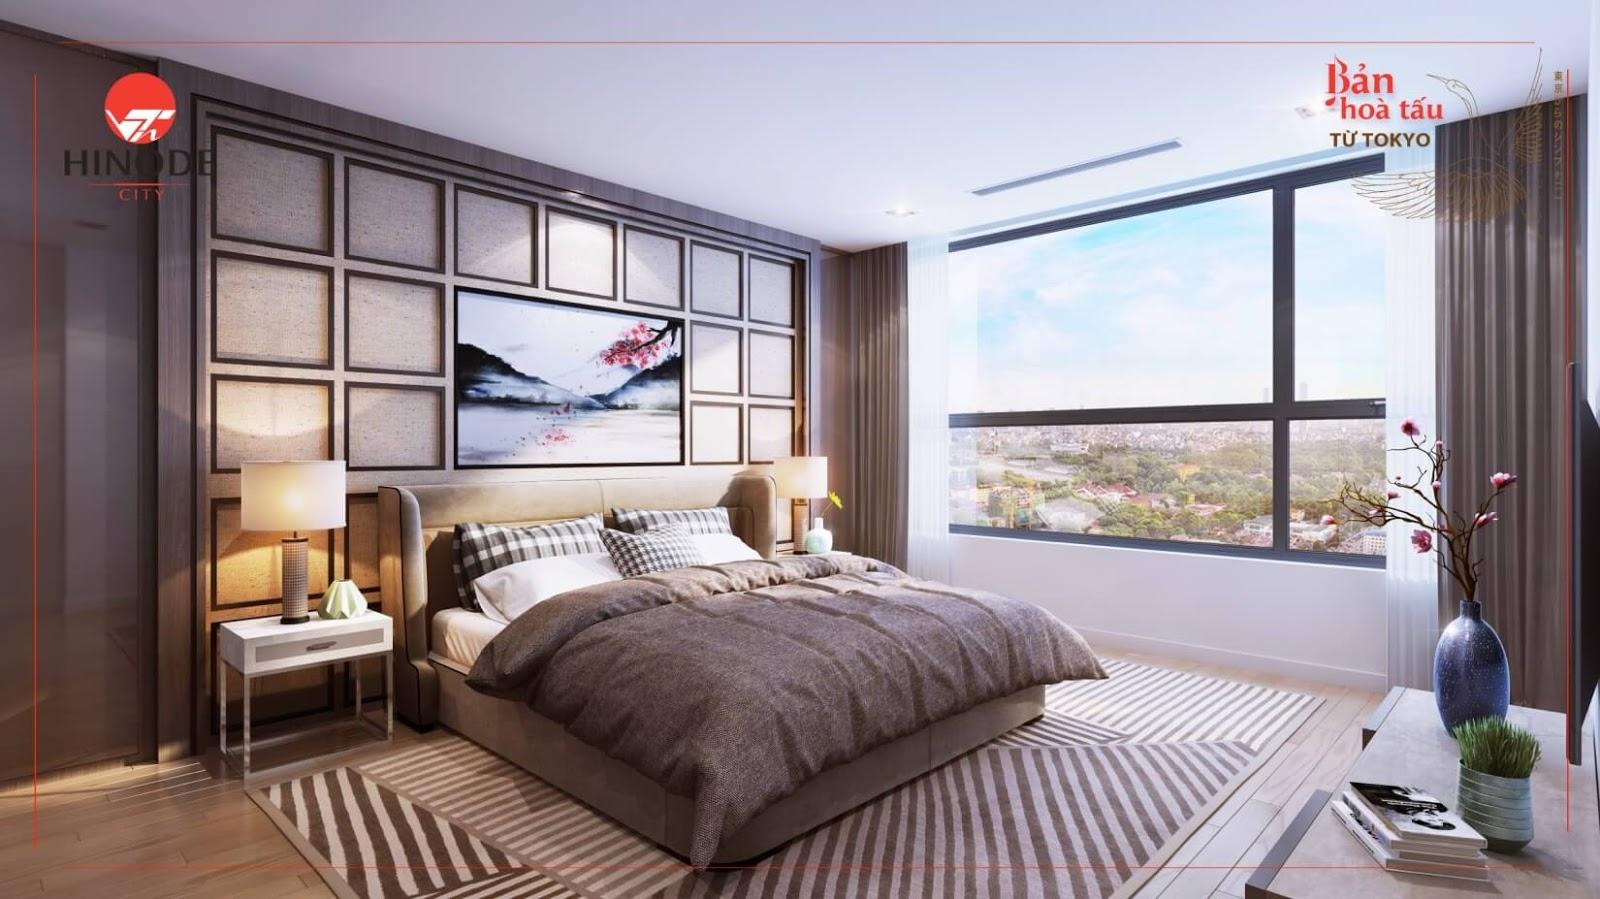 Hinode City được hoàn thiện những nội thất tiêu chuẩn cao cấp